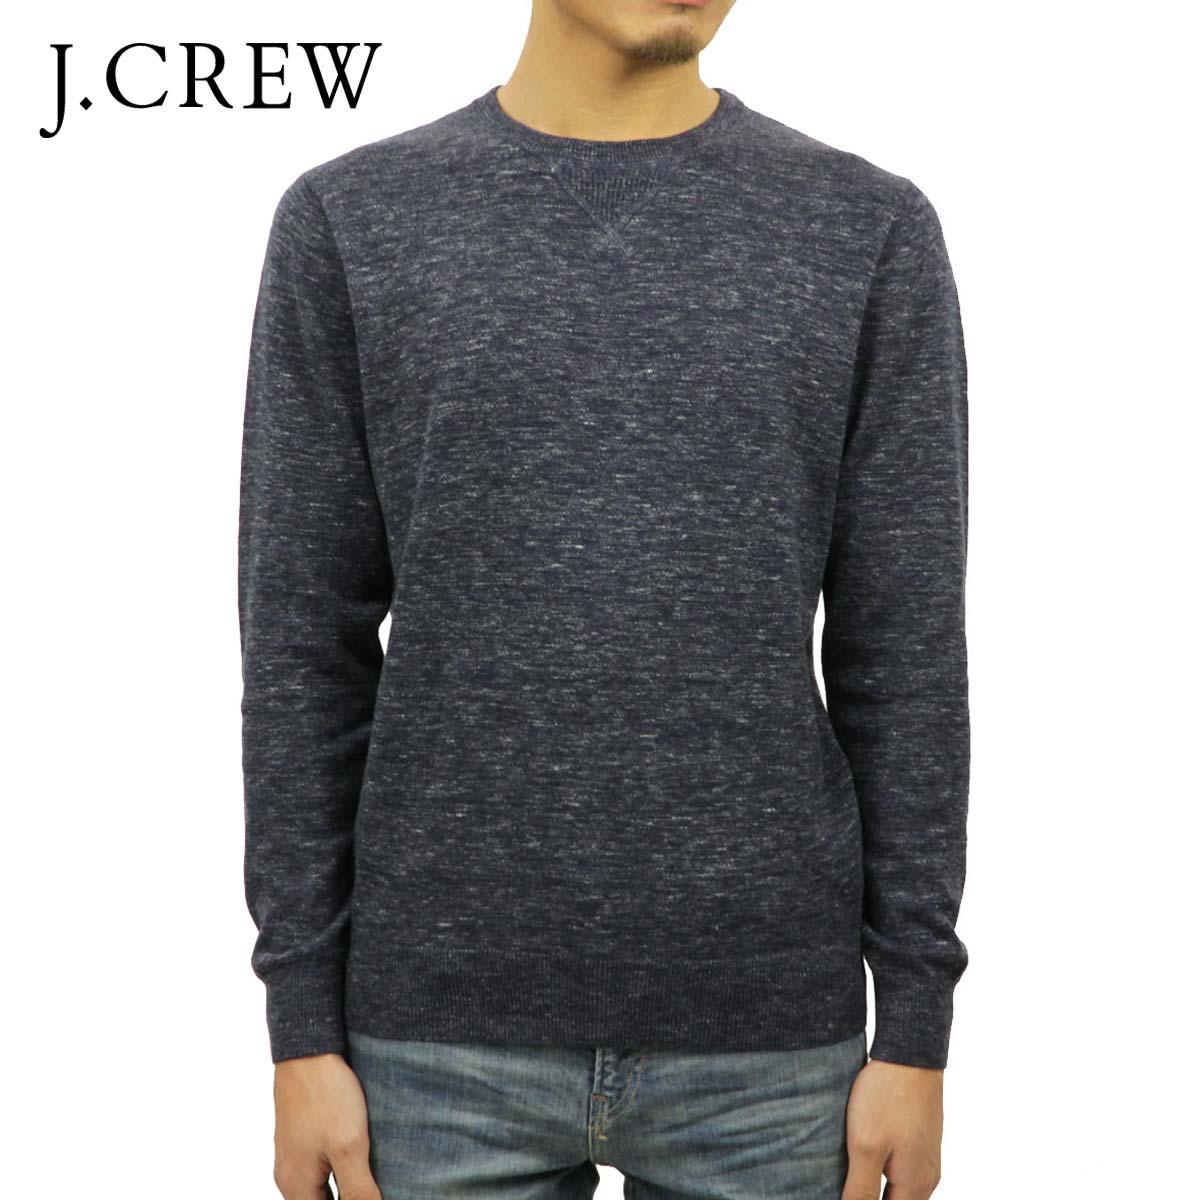 ジェイクルー セーター メンズ 正規品 J.CREW HEATHERED SWEATSHIRT SWEATER